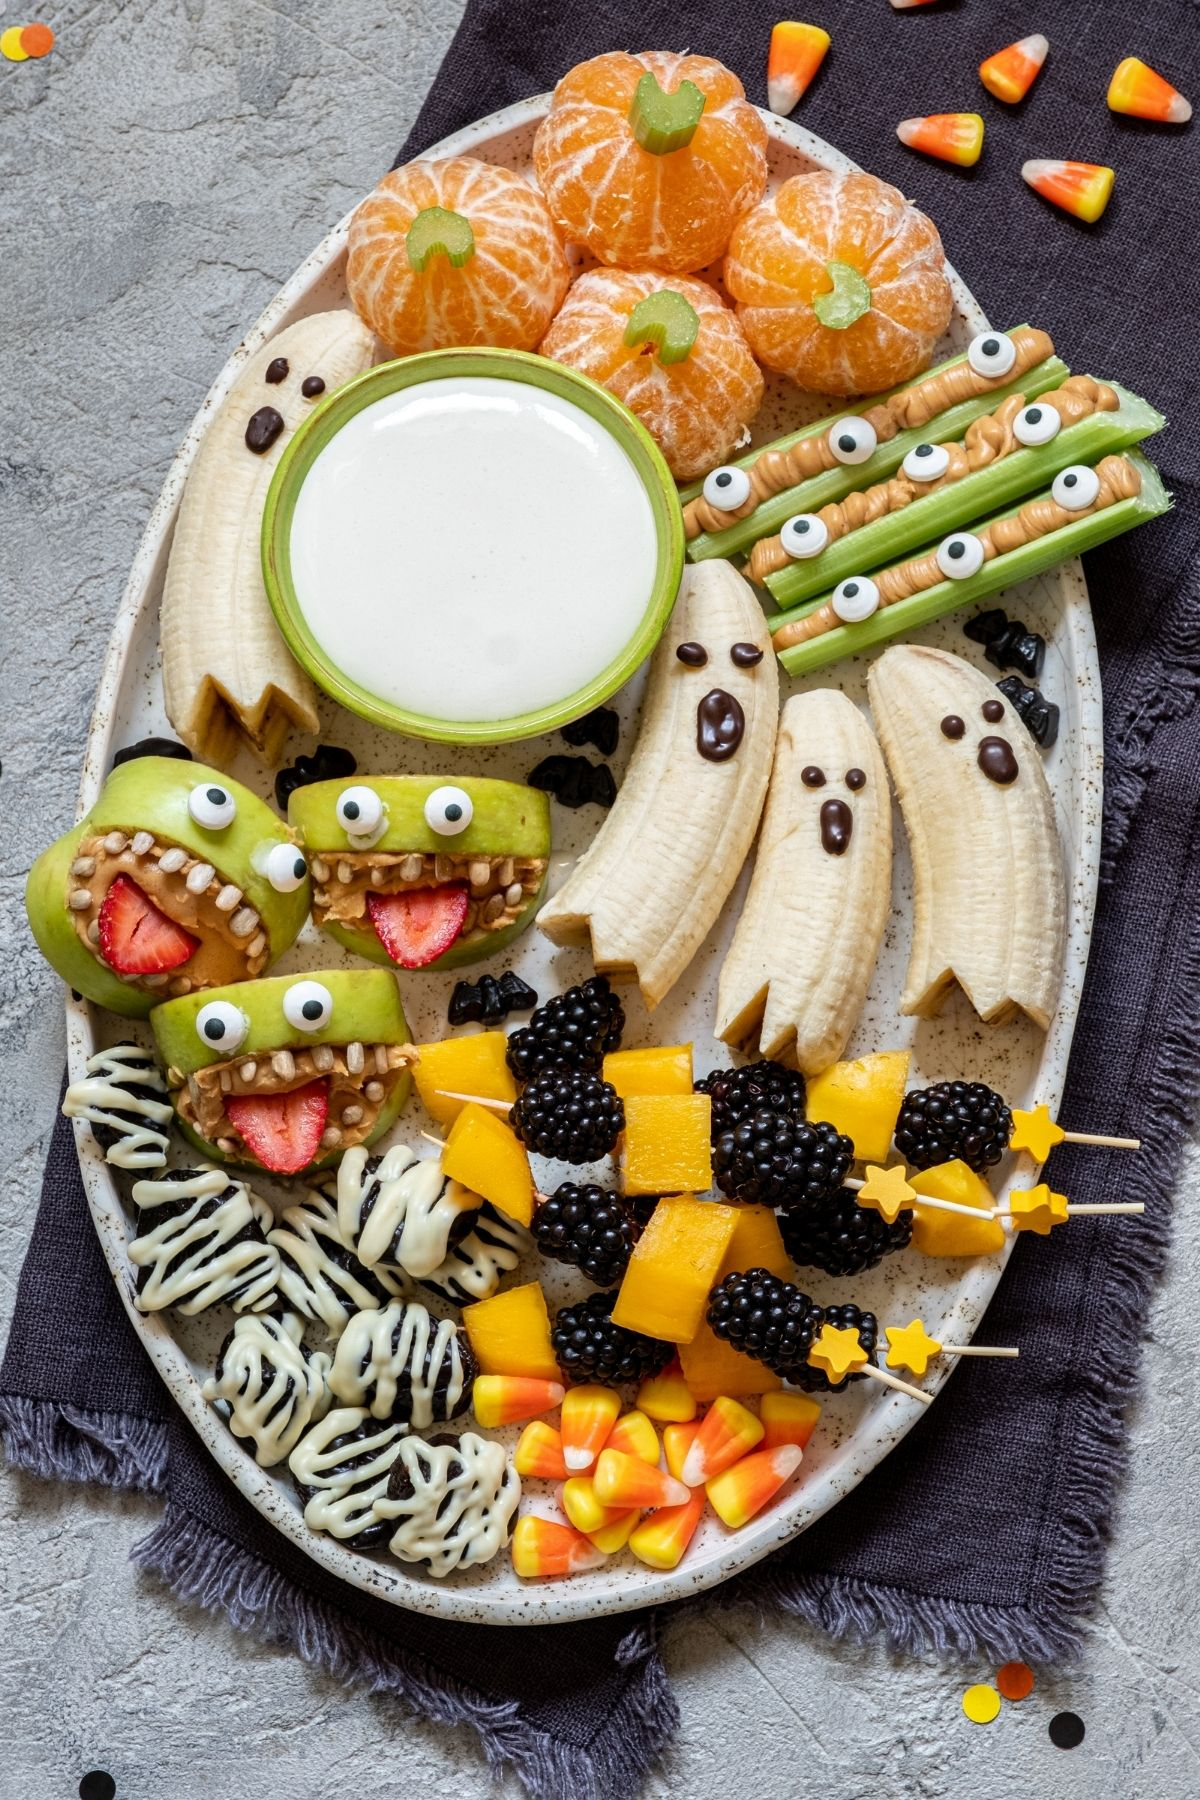 healthy halloween tray